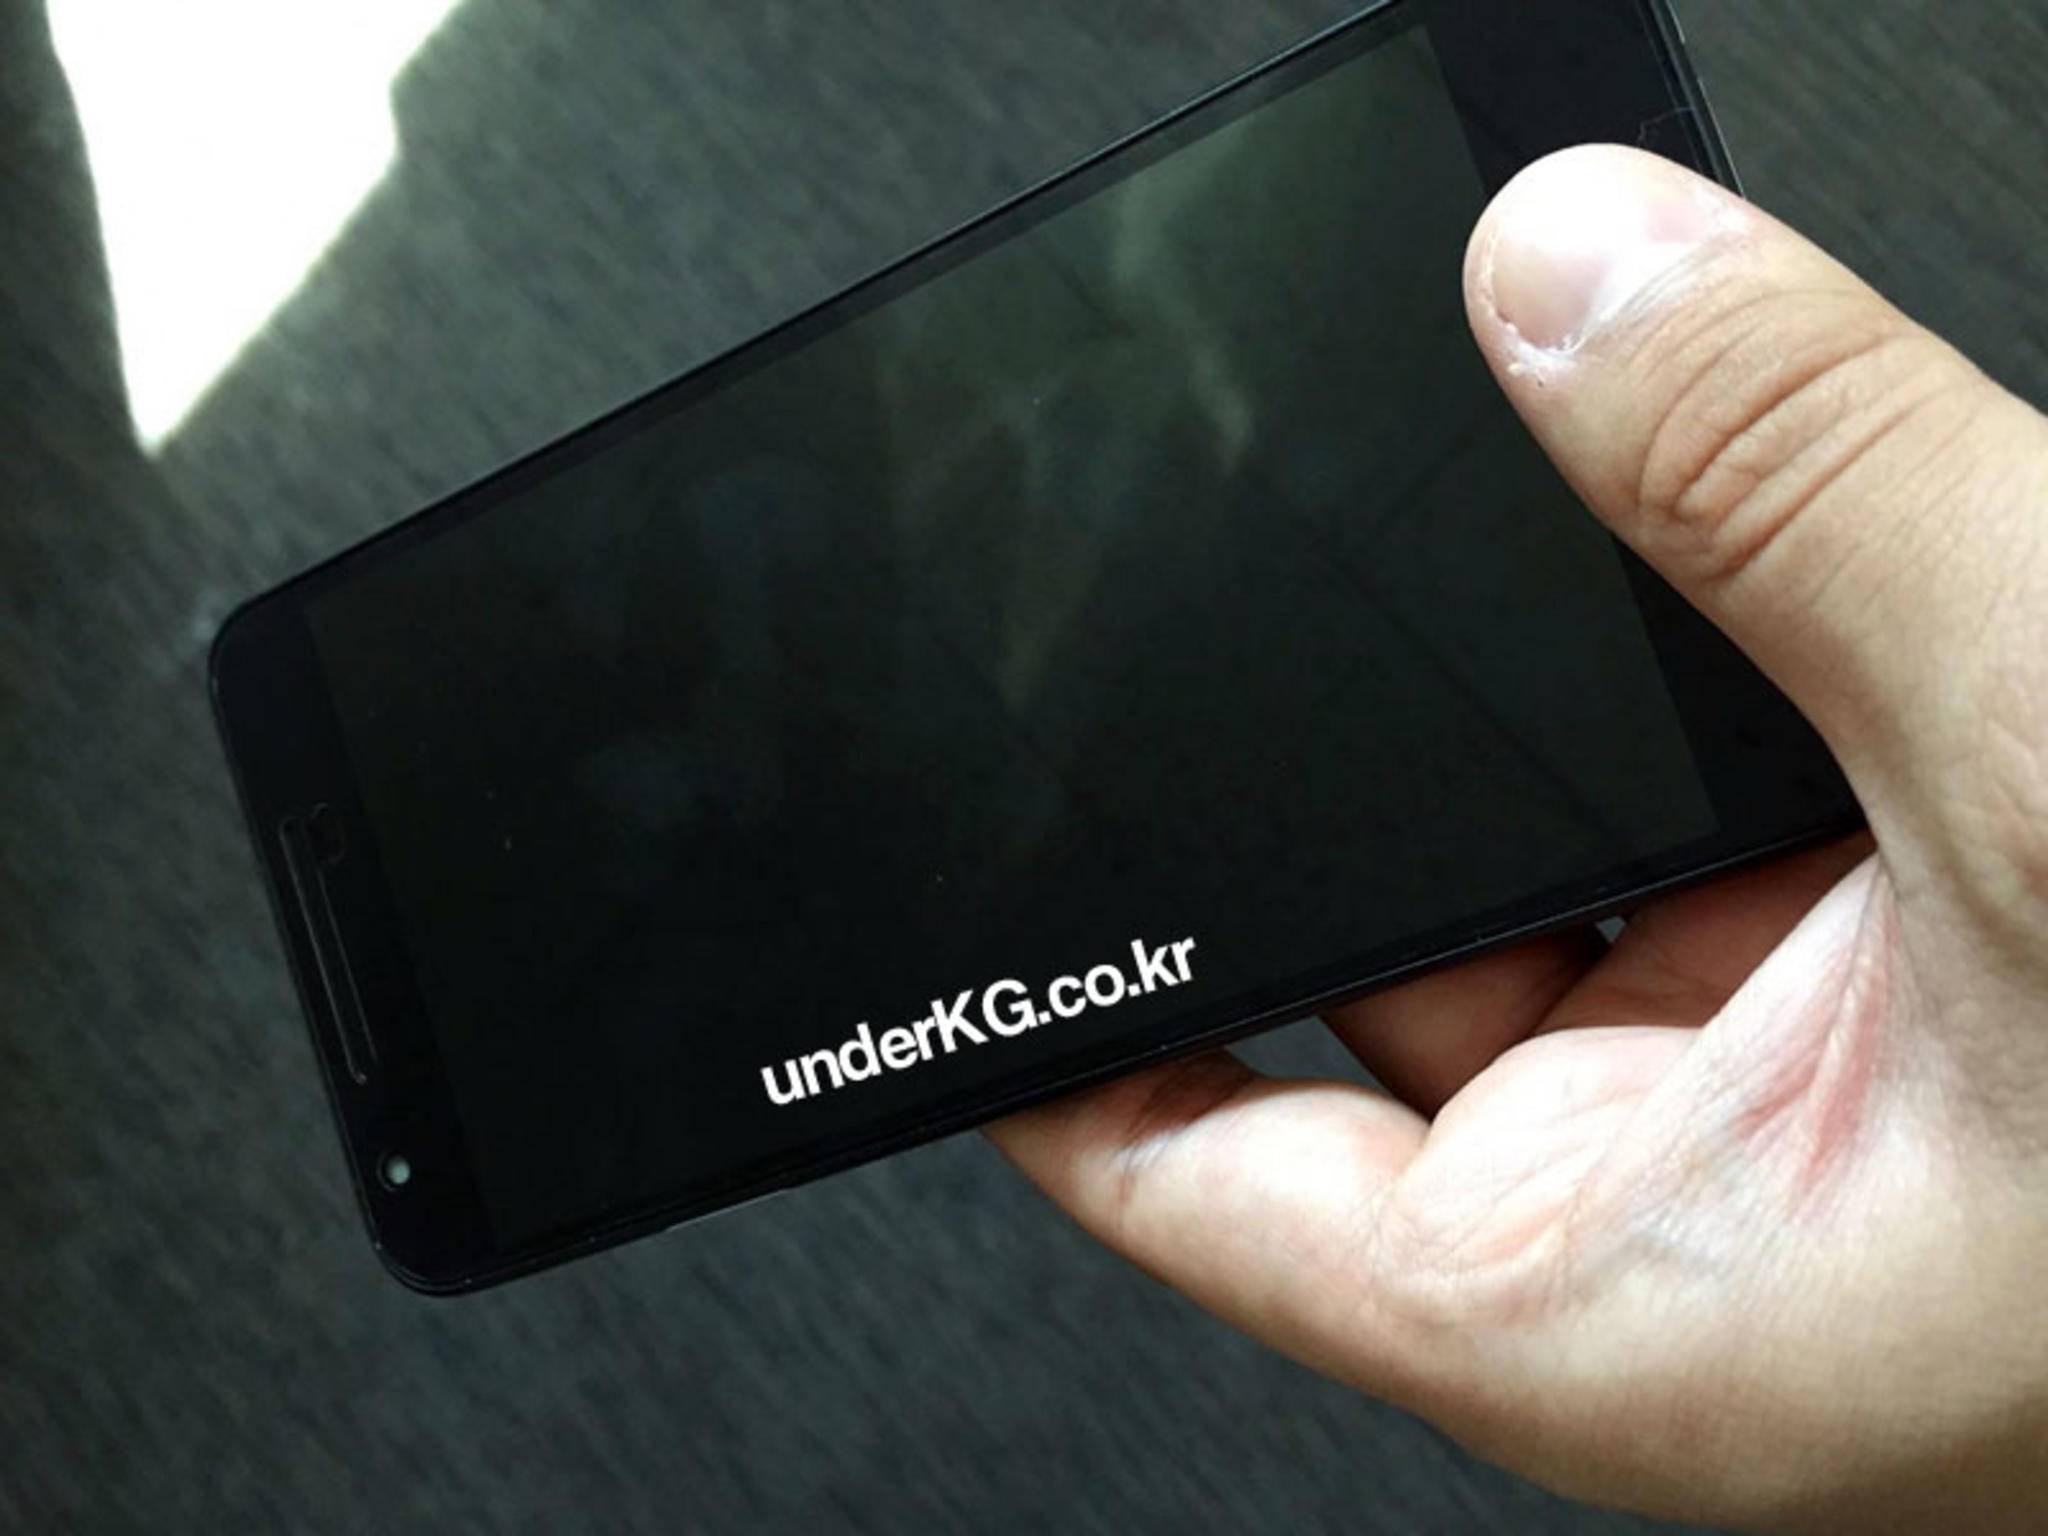 LG-Nexus-5-Leak2